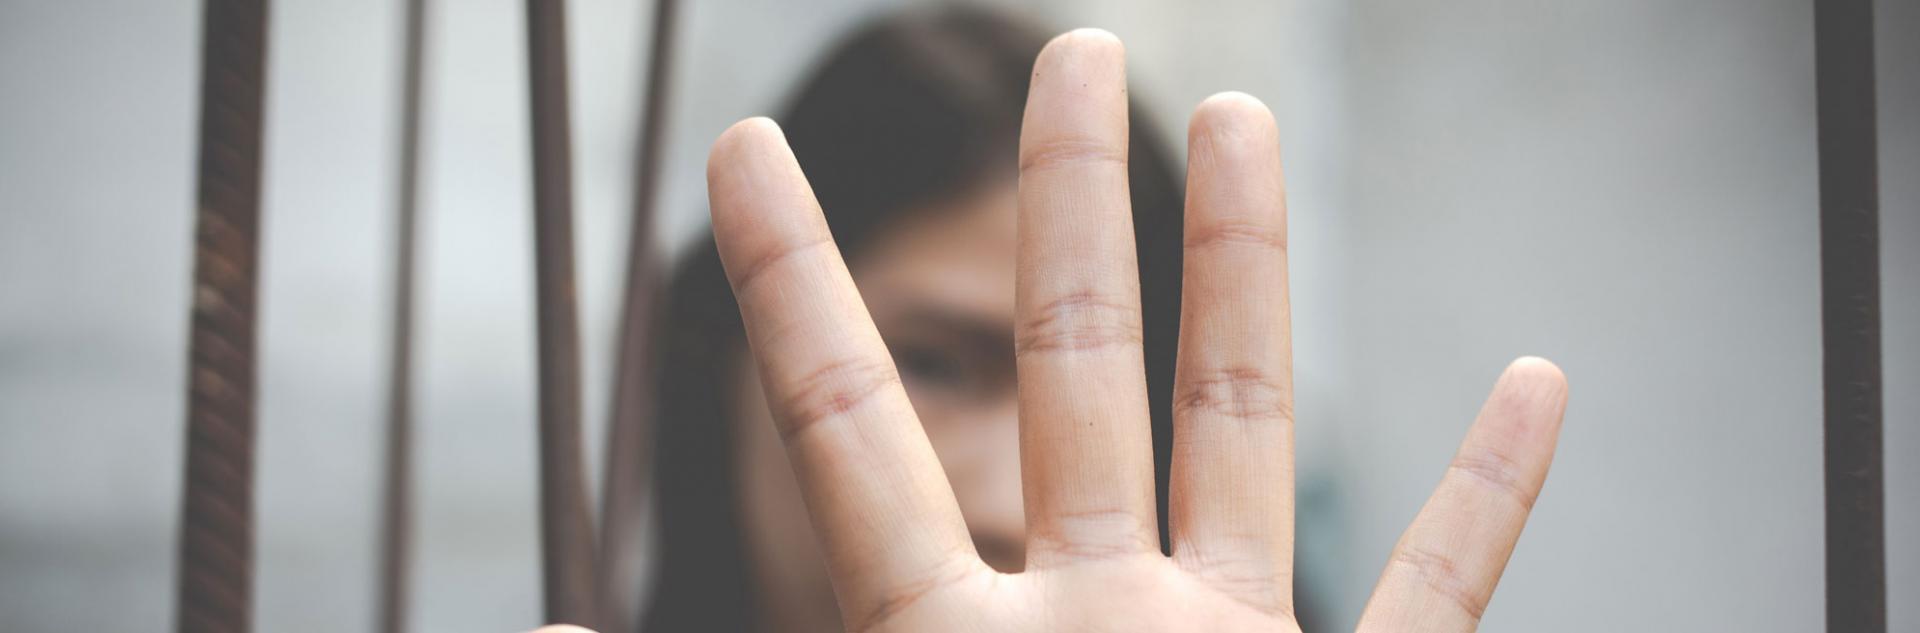 Dispositifs de protection des personnes victimes de violences intrafamiliales